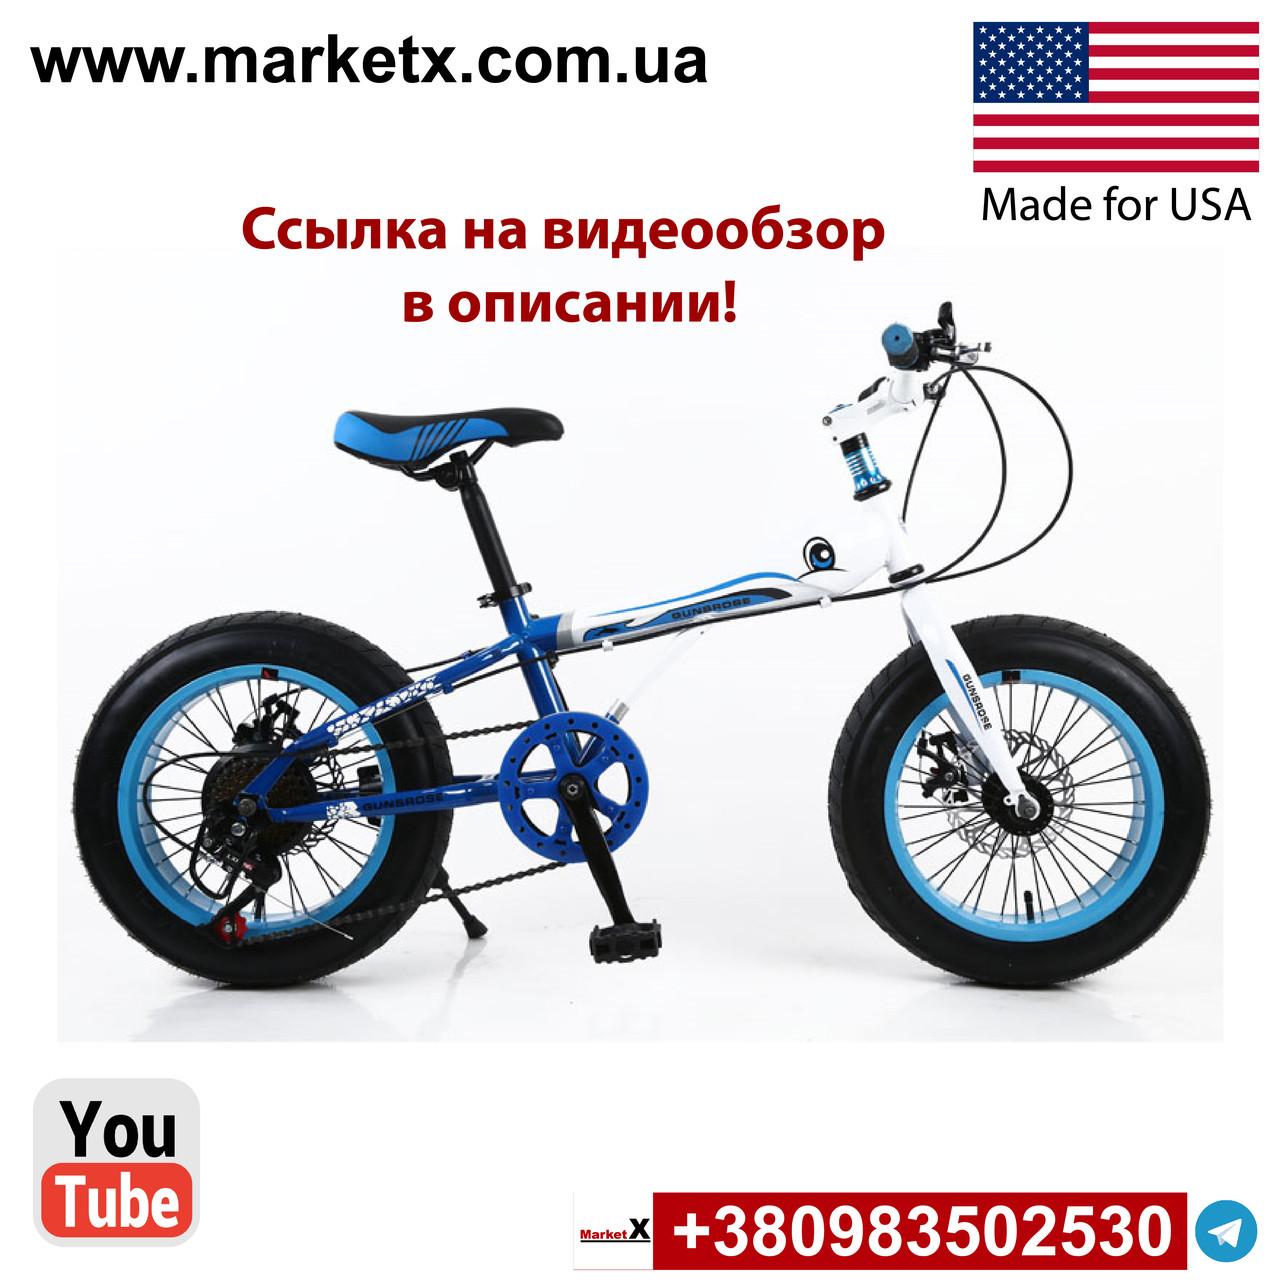 Новинка 2019 года. Детский велосипед 16 дюймов фетбайк синий с белым